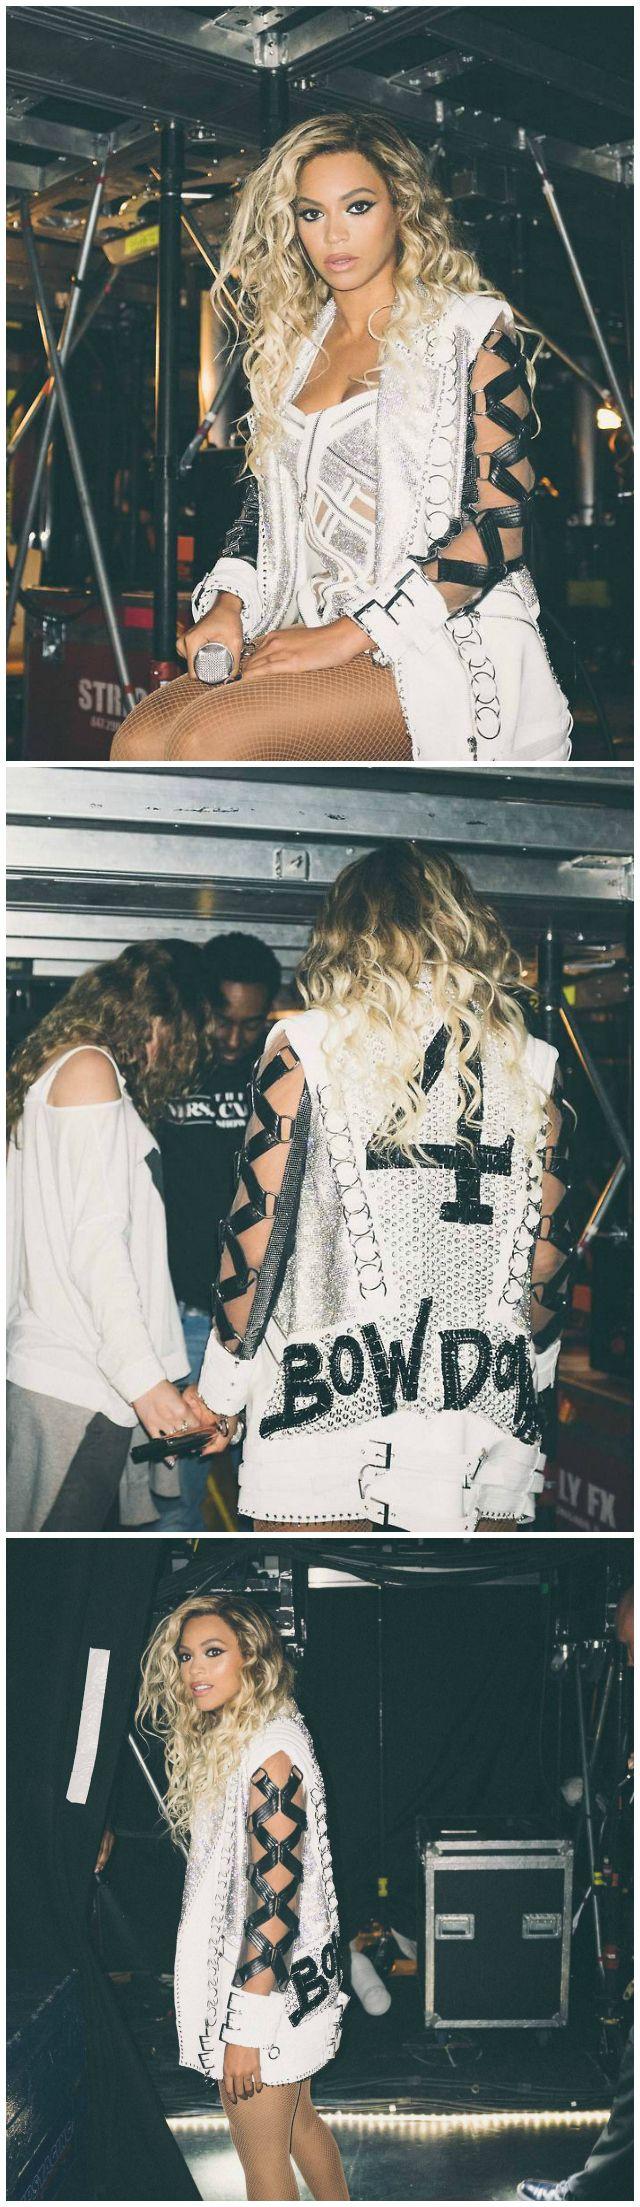 Beyoncé shows off Versace tour costumes -Cosmopolitan.co.uk